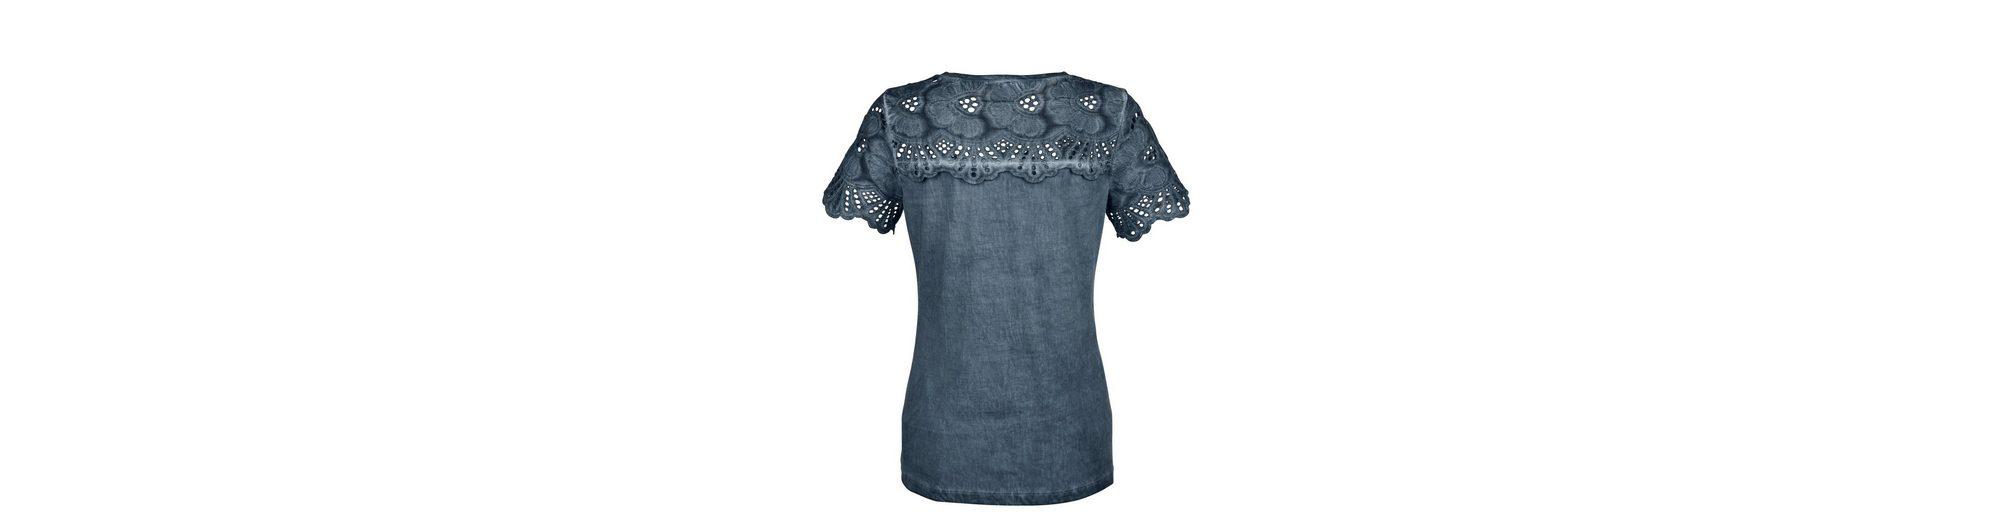 Alba Moda Shirt Kaufen Online-Outlet Freies Verschiffen Neue Stile l8Gy80